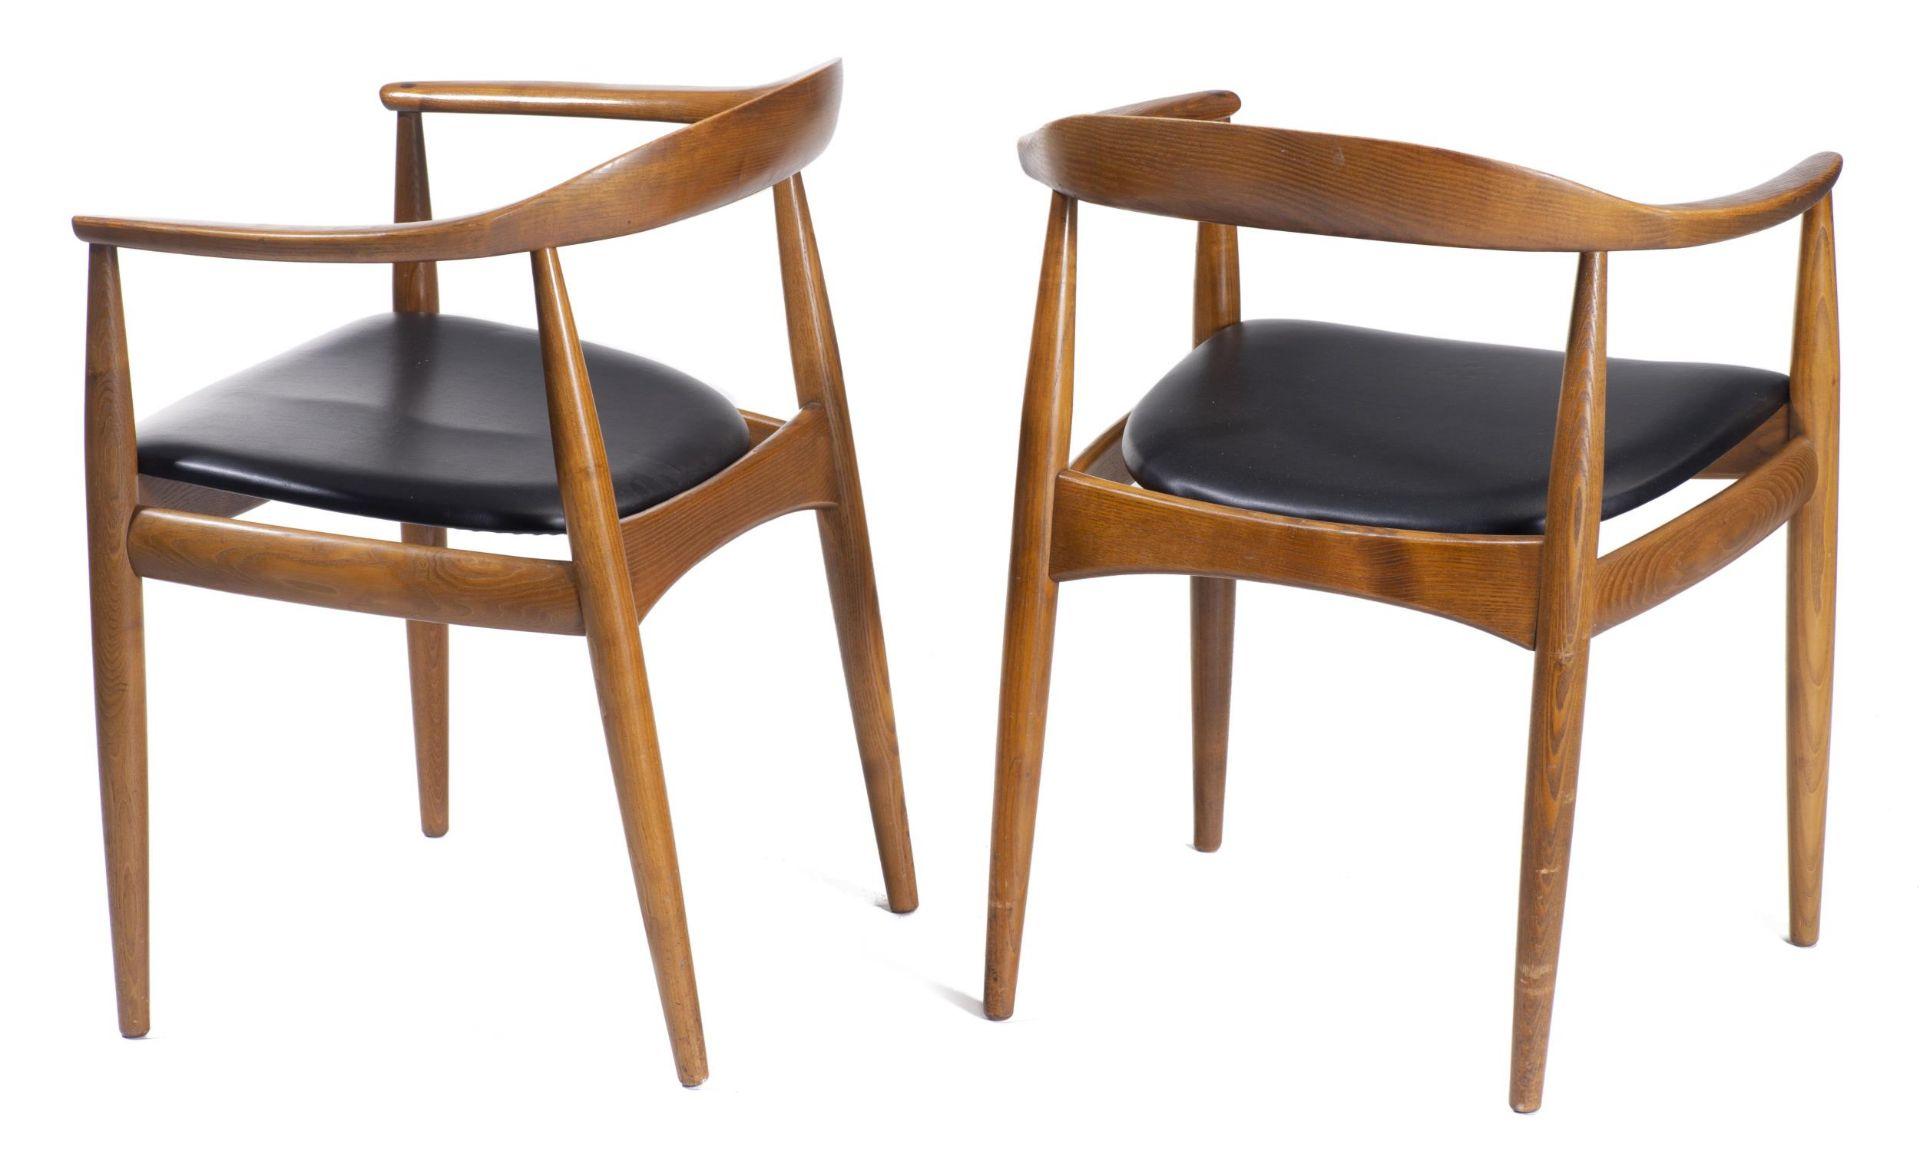 Quatre chaises en teck et deux fauteuils en chêne de style scandinave - Bild 3 aus 9